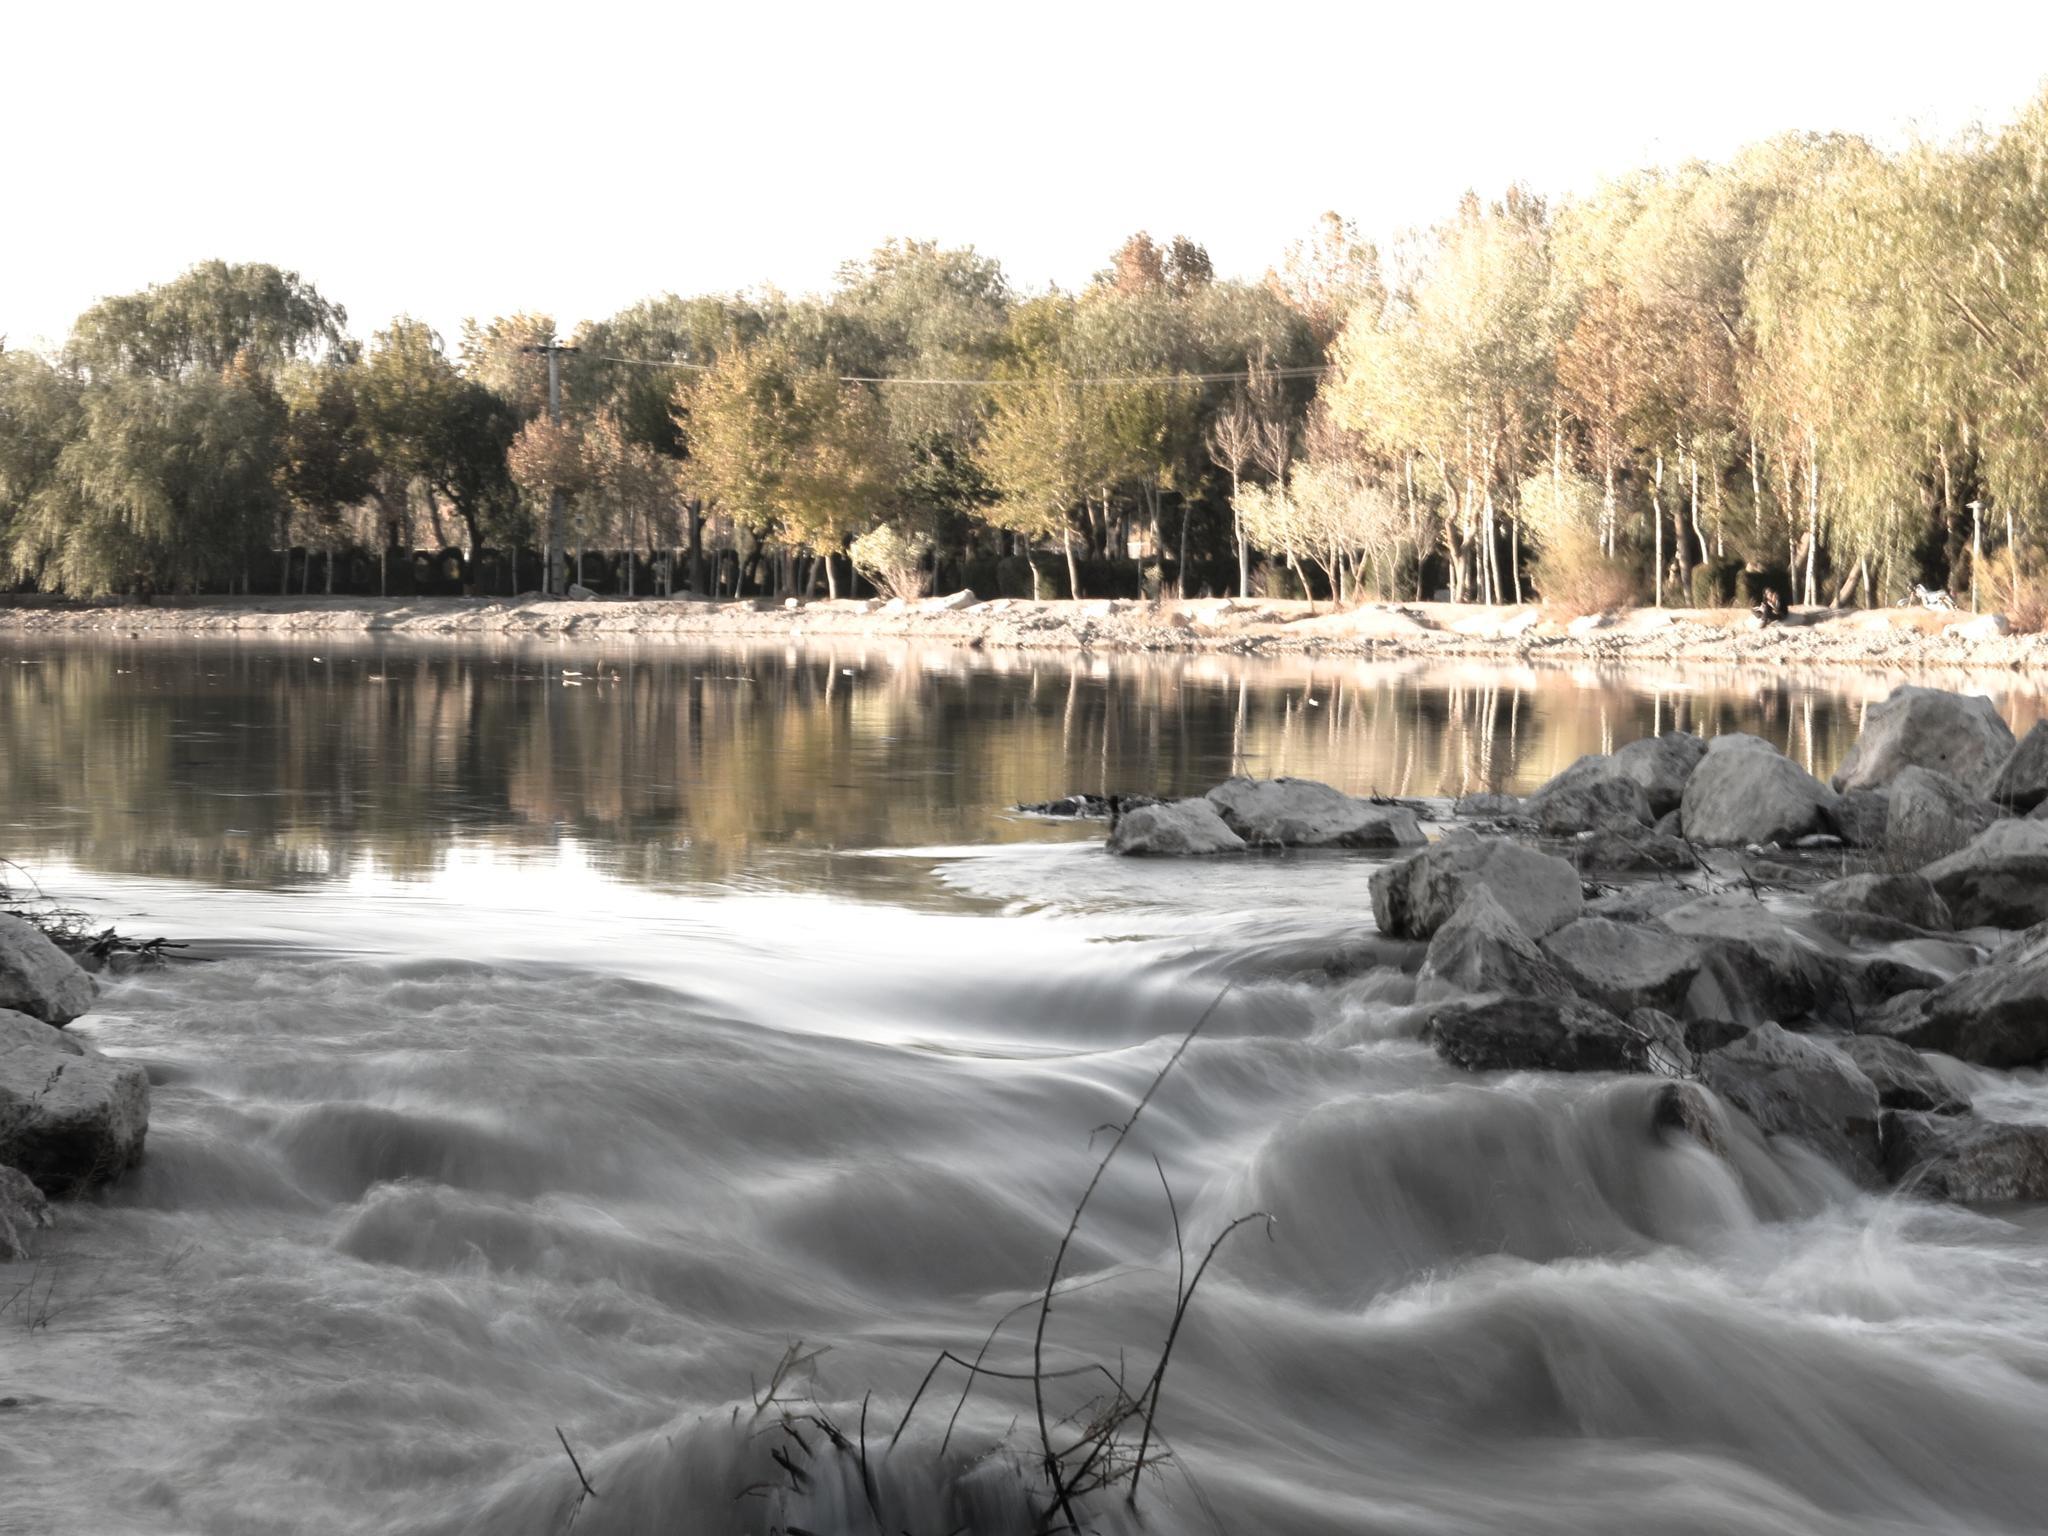 Zayandeh River by Ali Ghorbani